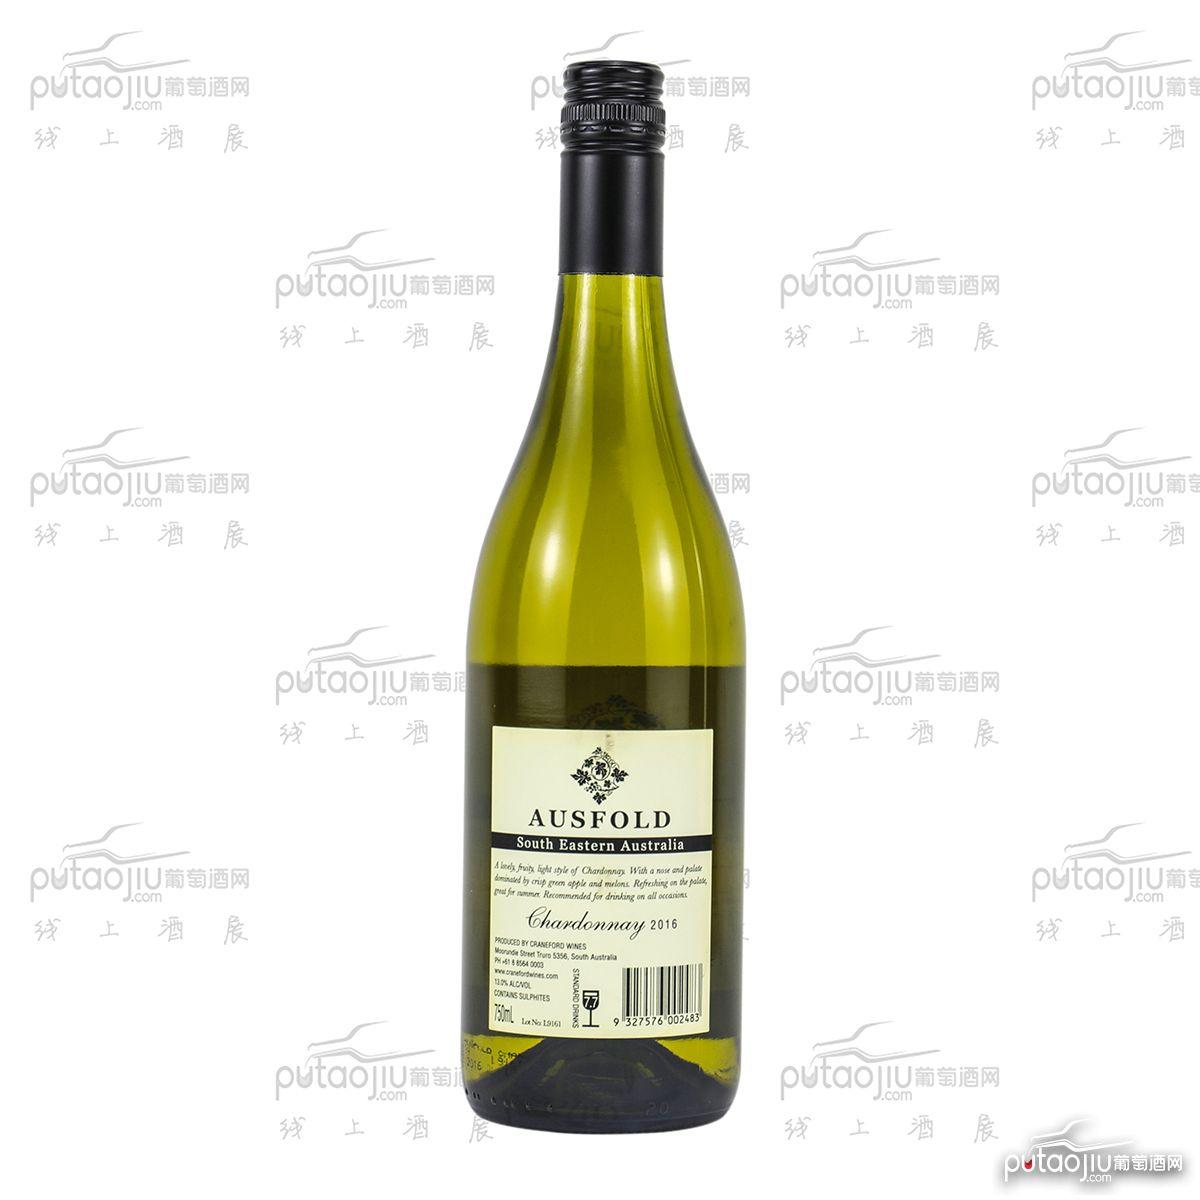 澳里赫庄园668莎当妮2016干白葡萄酒